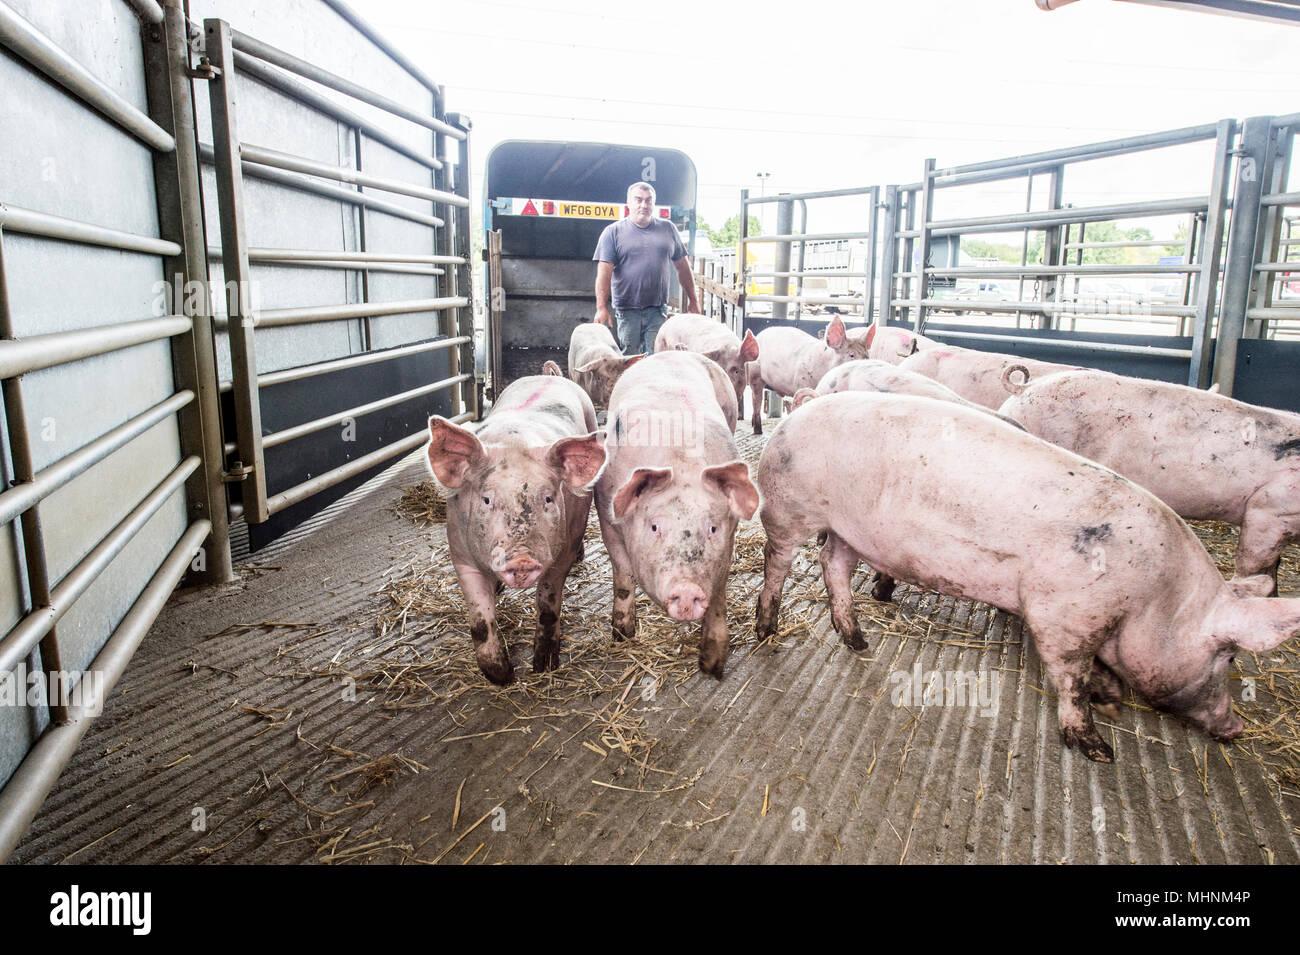 Mover los cerdos al mercado Imagen De Stock